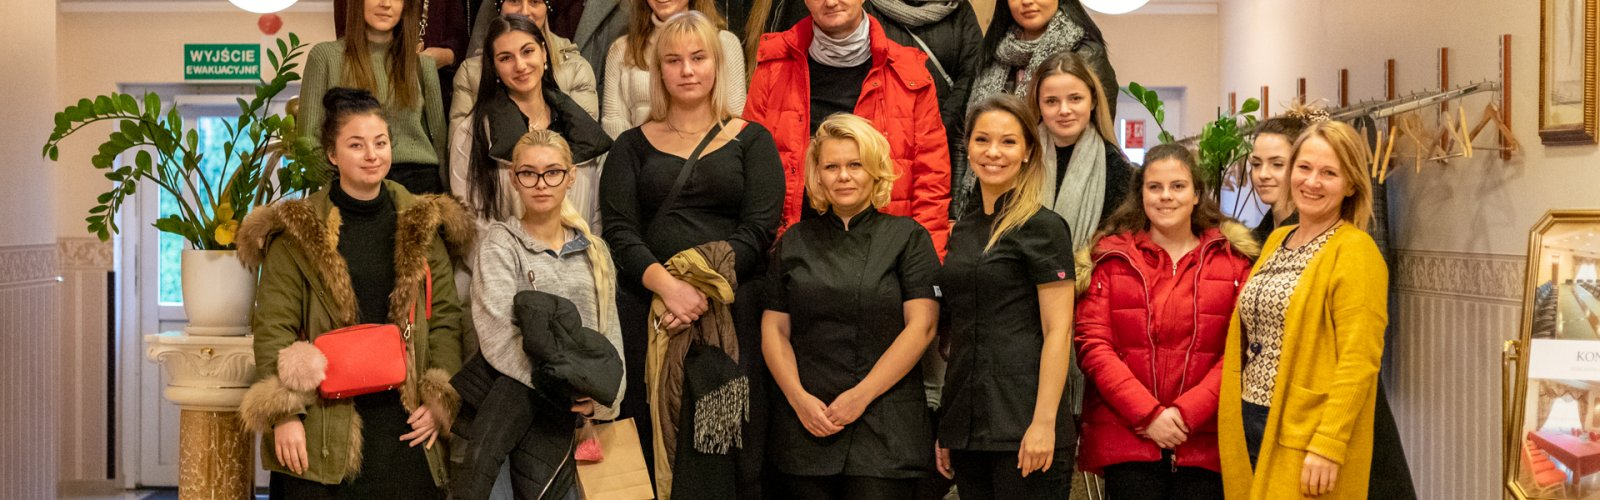 Studenci PWSZ Koszalin z wizytą w Instytucie SPA & Wellnes